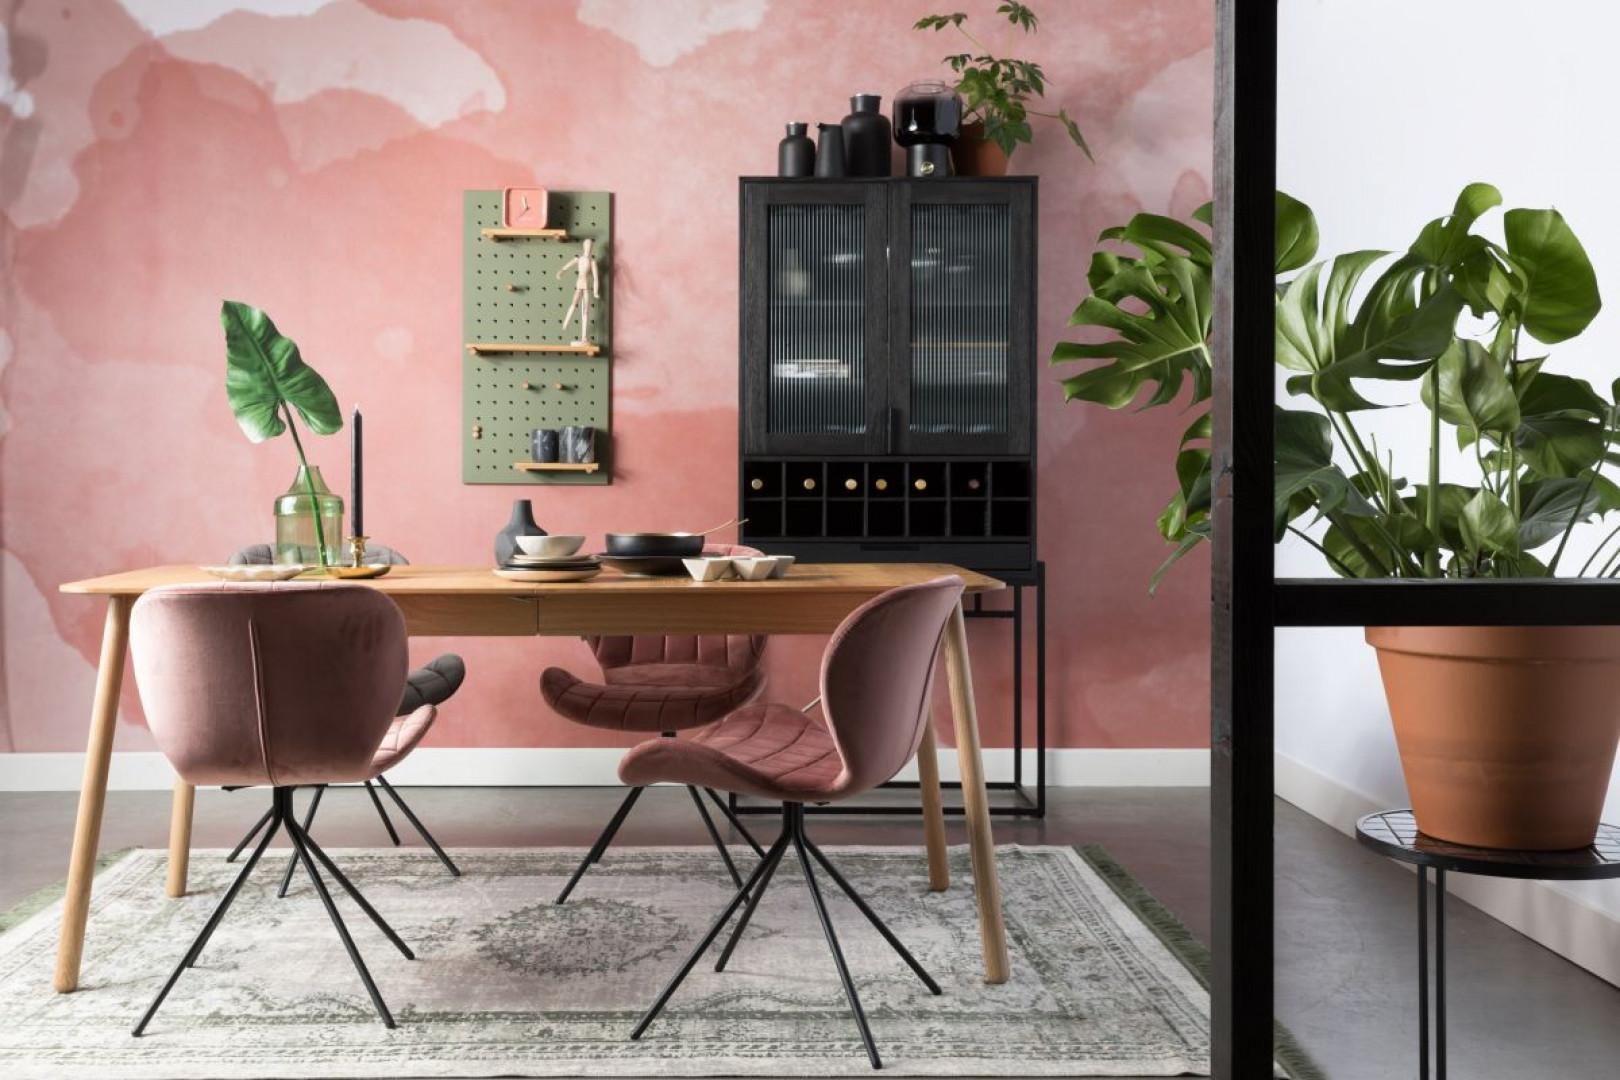 W 2019 roku popularnością będą cieszyły się wygodne krzesła o naturalnych kształtach. Na zdjęciu: krzesło OMG marki Zuiver. Fot. Zuiver